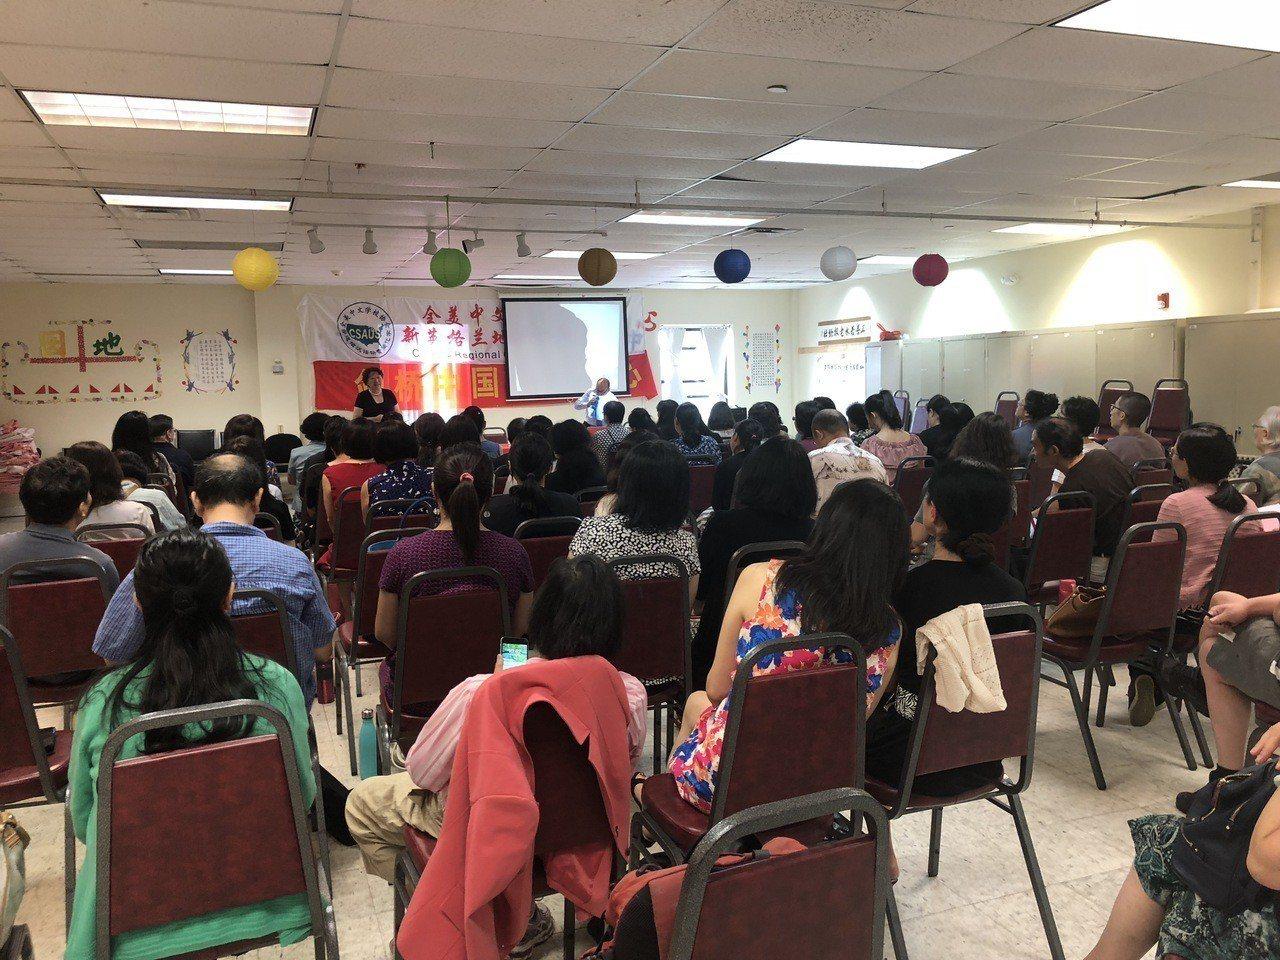 2018華文教育名師巡講講師劉寶根18日在劍橋文化中心指出,當前美國中文學校教育...